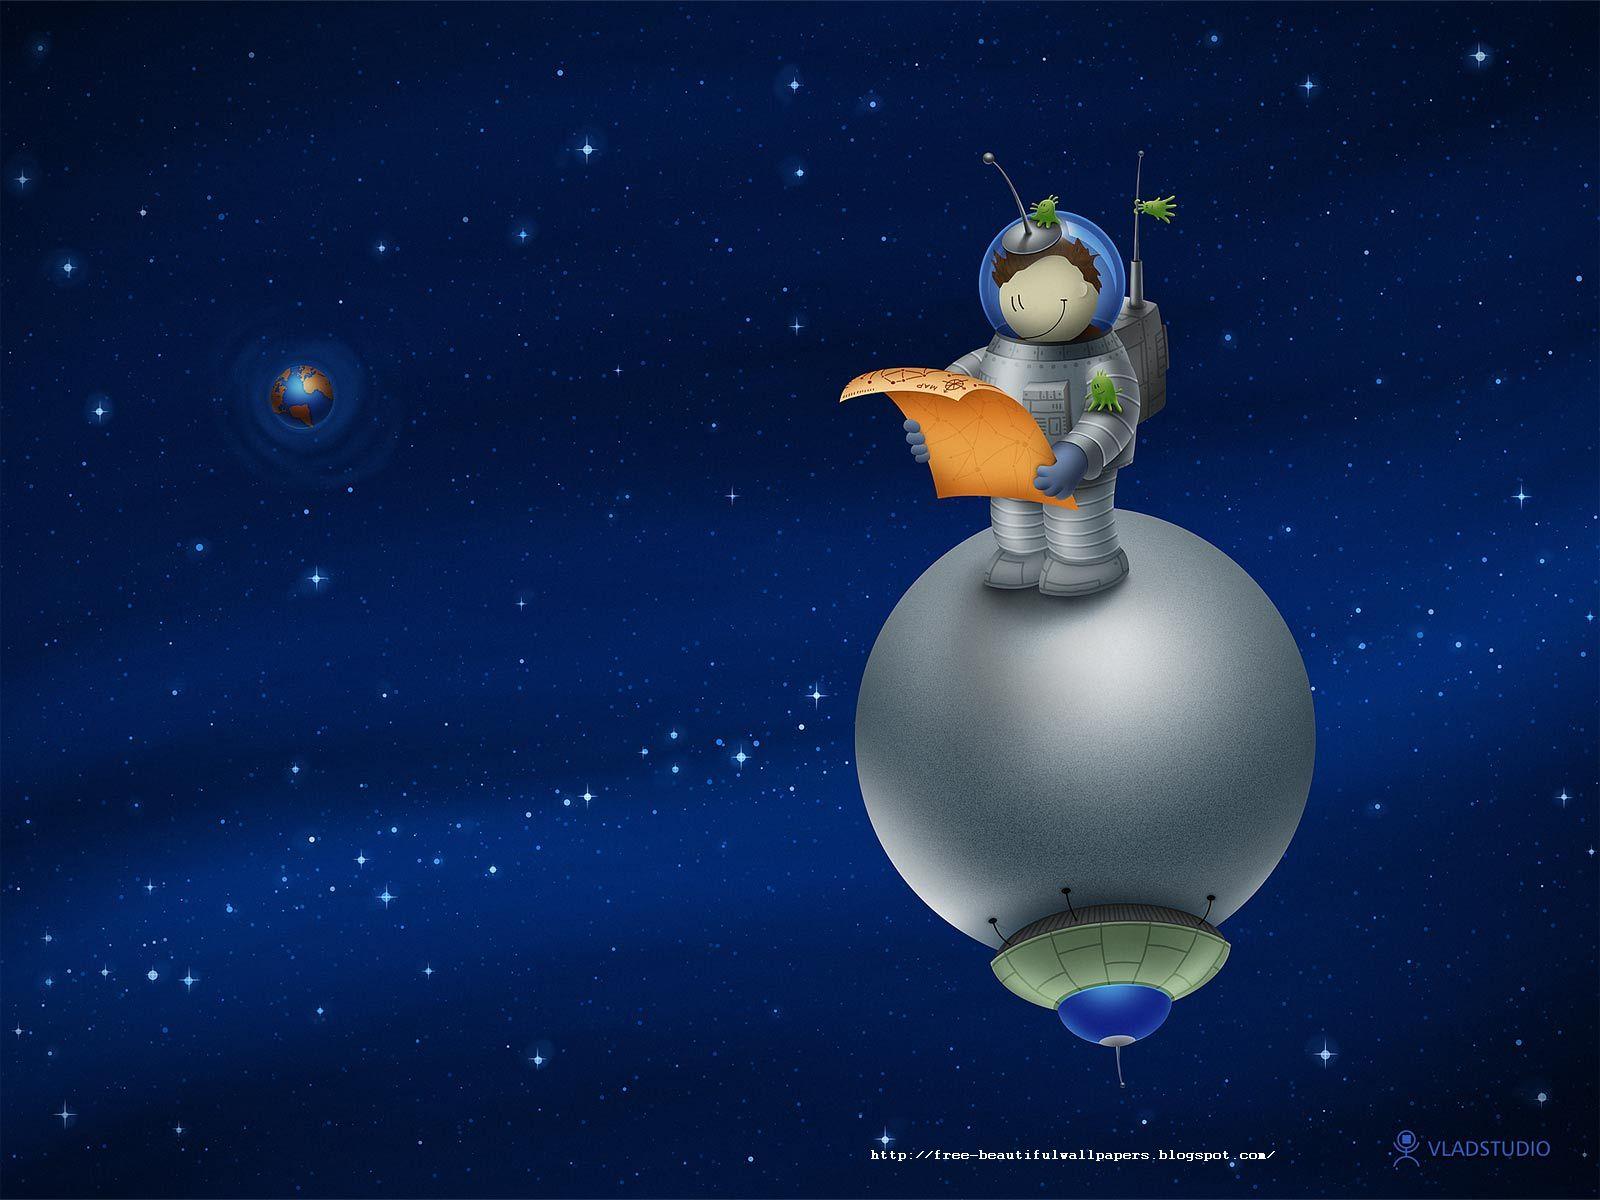 http://3.bp.blogspot.com/-3JKInIy5QO4/TlFCbdsKs9I/AAAAAAAAAYY/7tjetH1derc/s1600/6-1188-astronaut_1600x1200.jpg